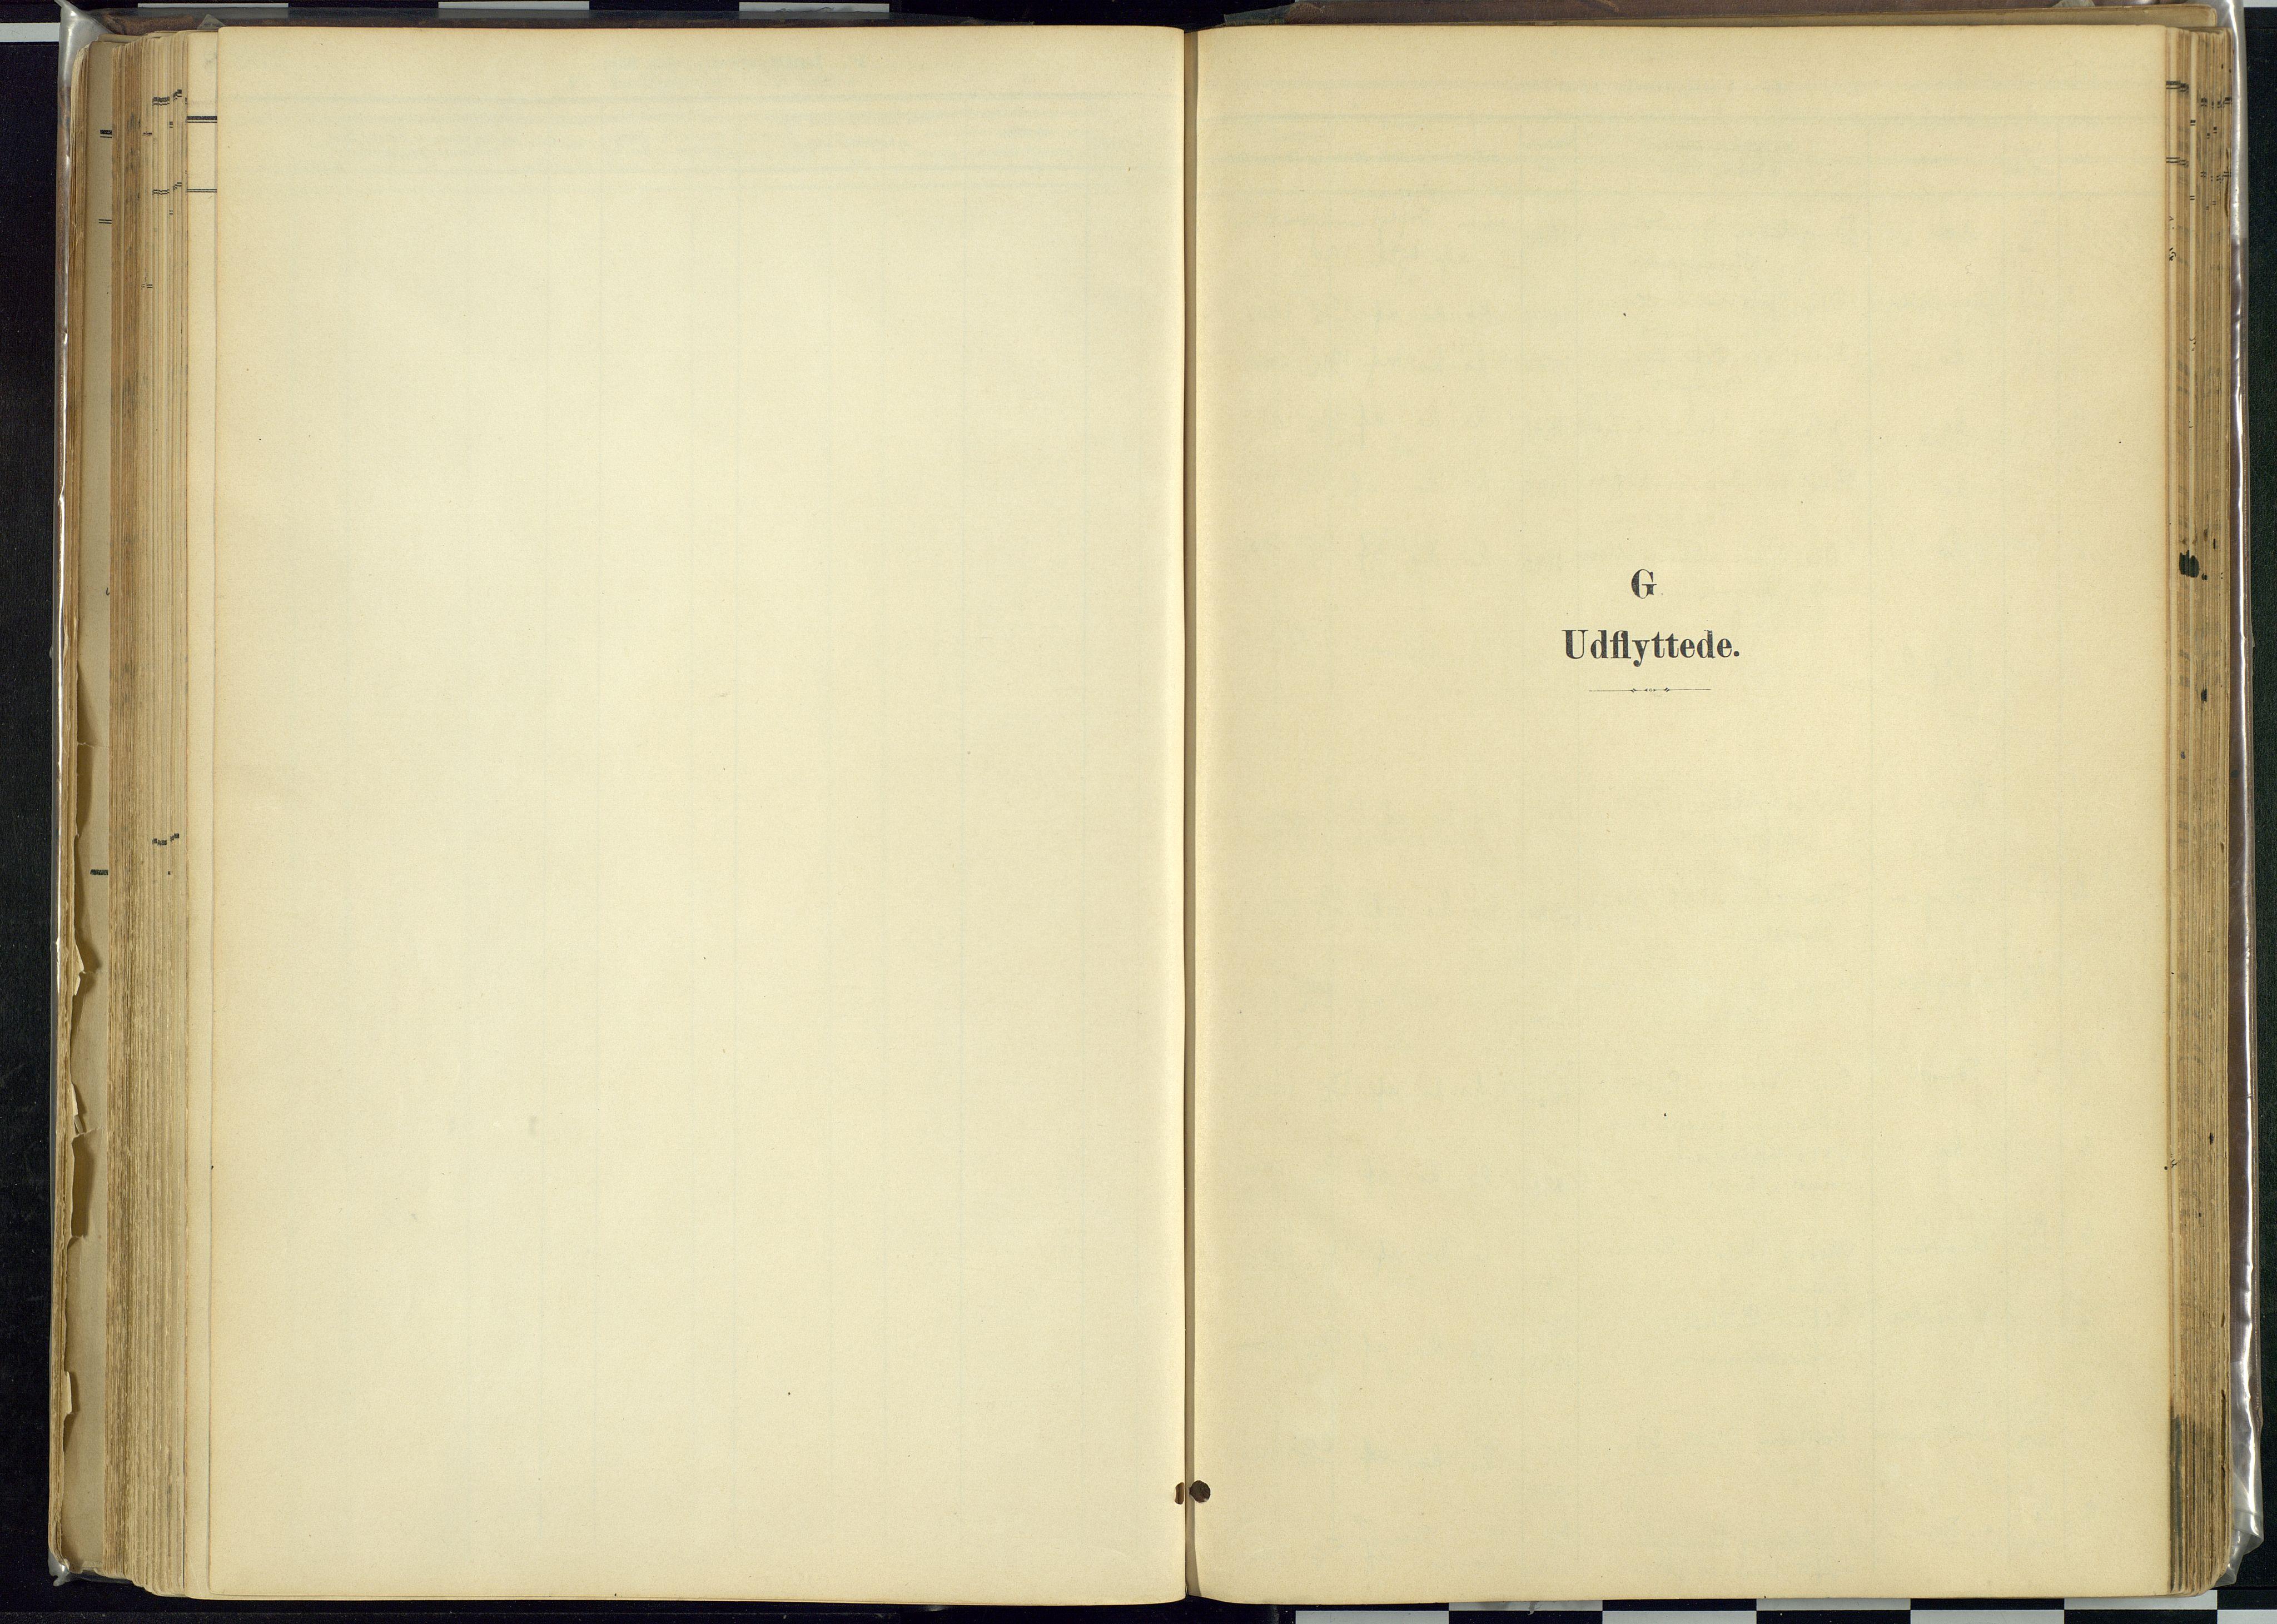 SAH, Rendalen prestekontor, H/Ha/Haa: Ministerialbok nr. 12, 1901-1928, s. 254